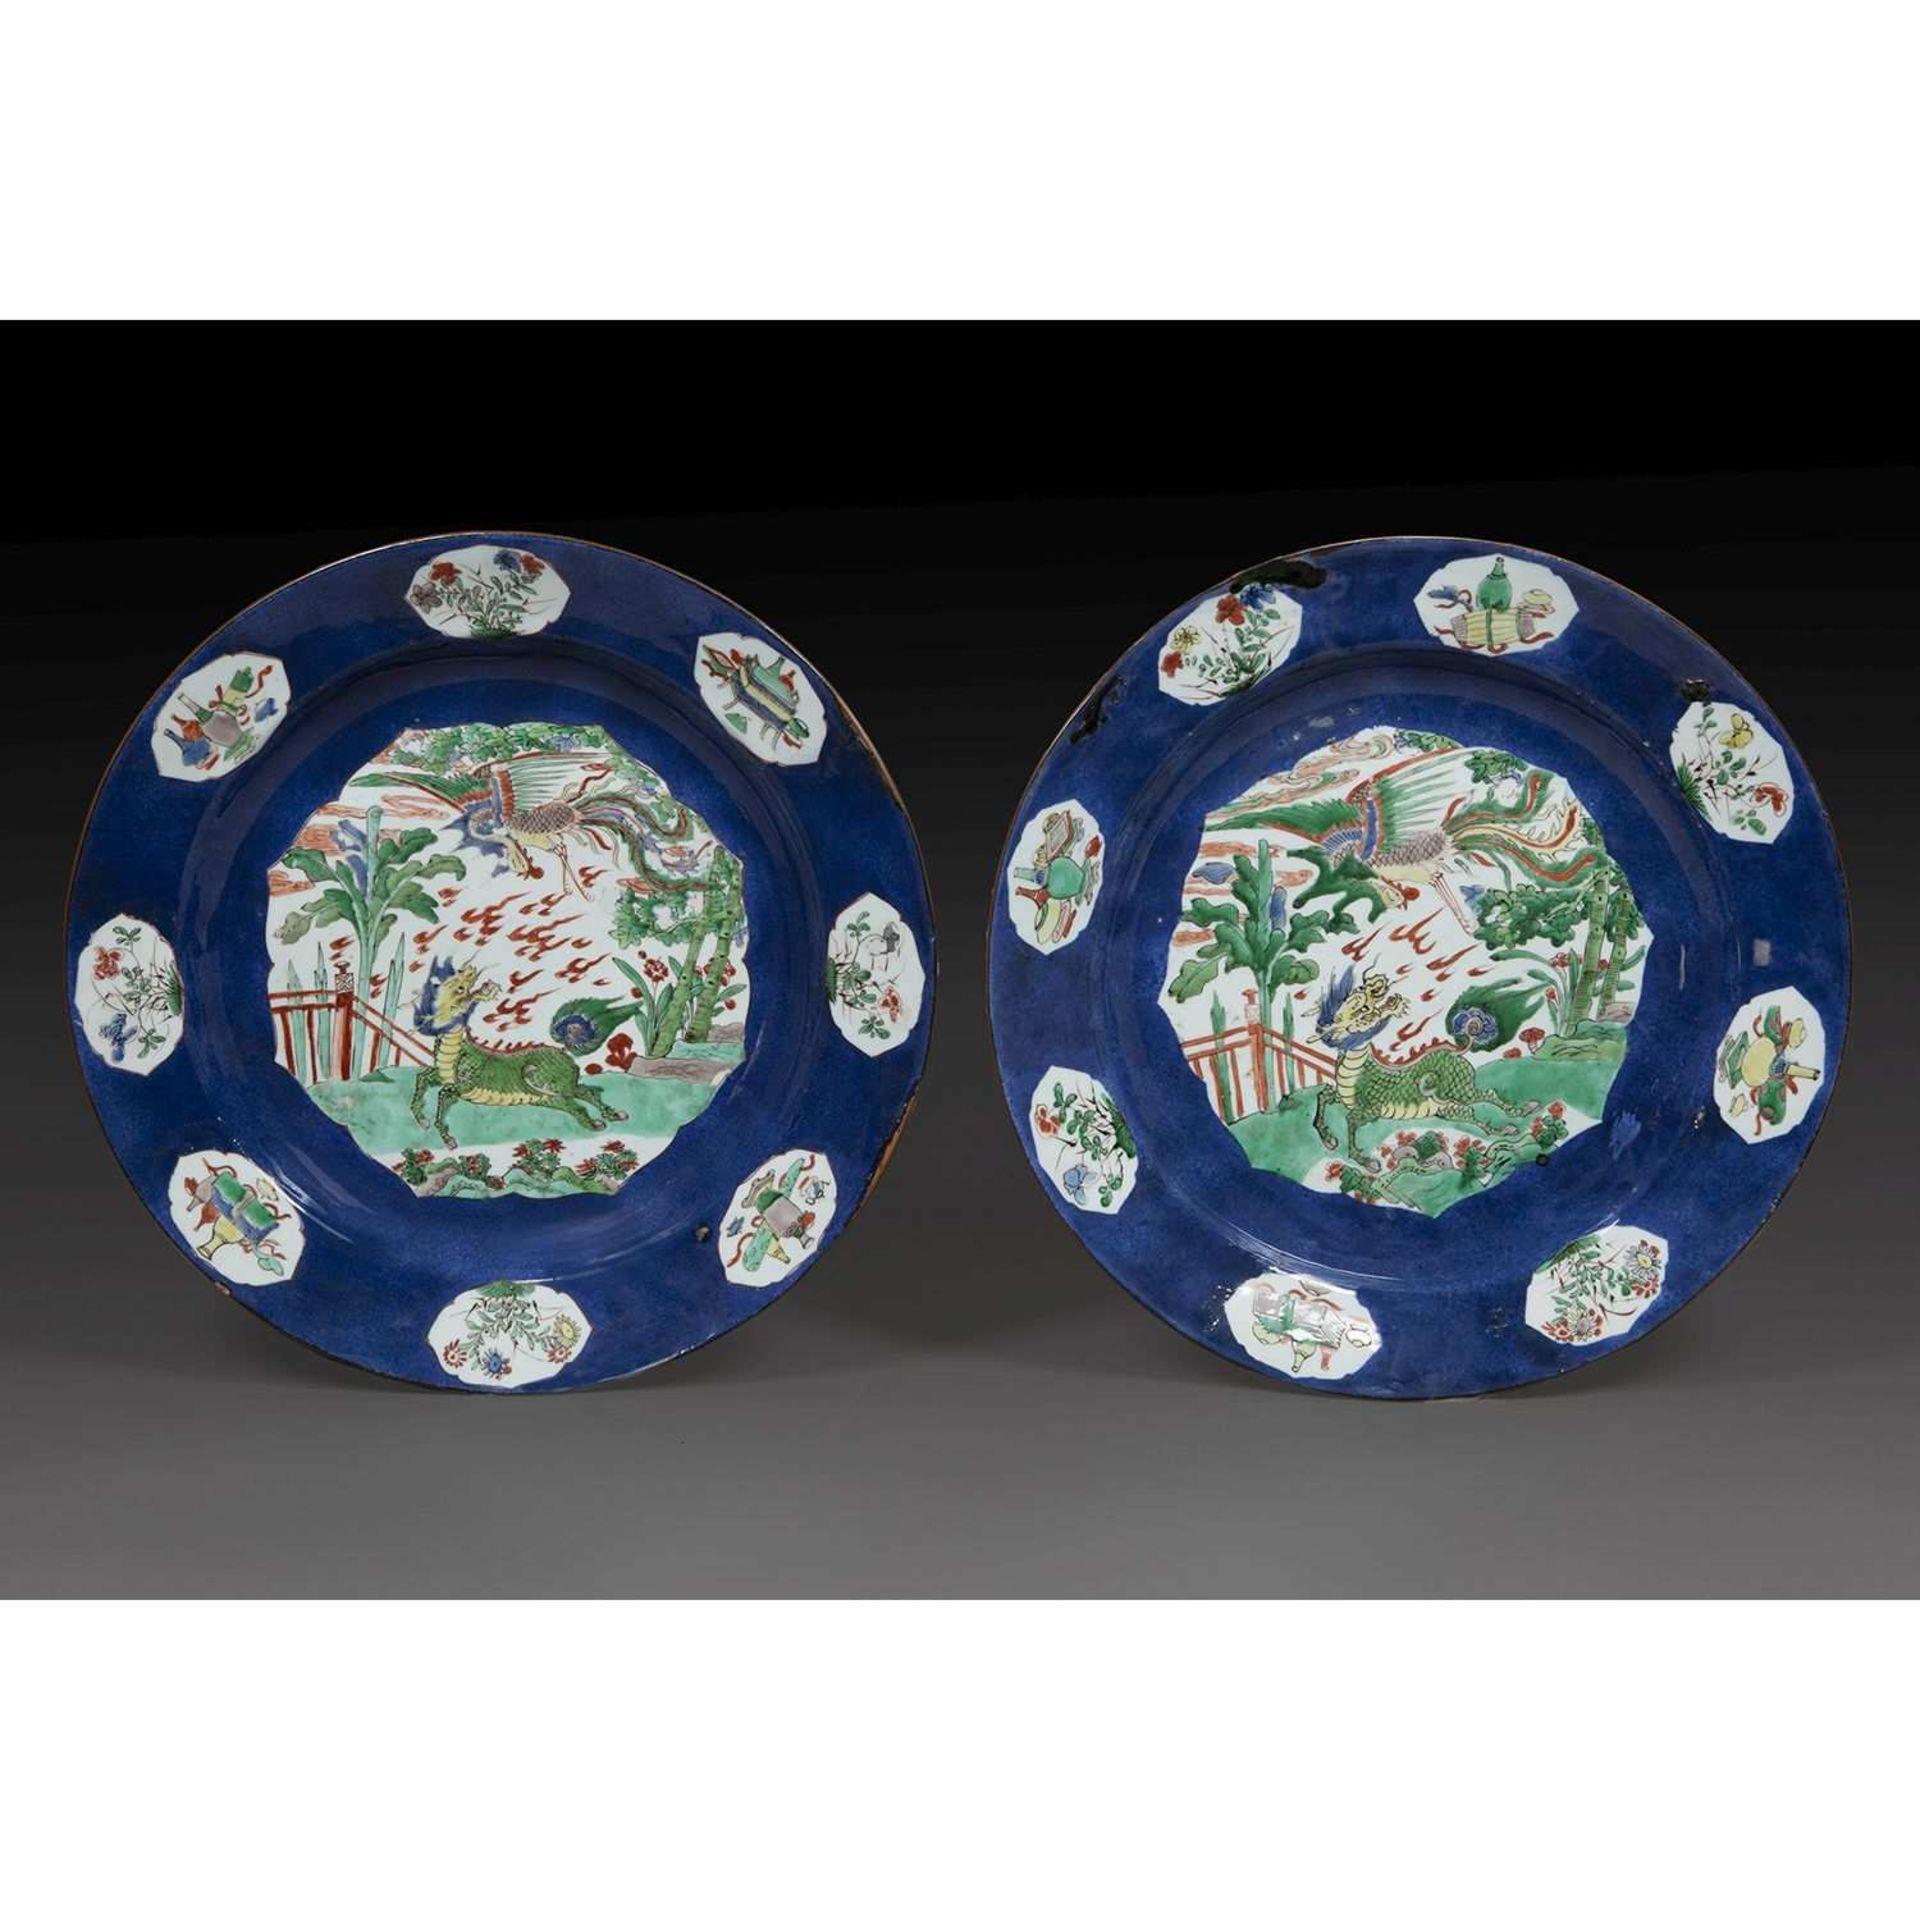 PAIRE DE GRANDS PLATS RONDS en porcelaine et émaux polychromes de la famille verte sur fond bleu